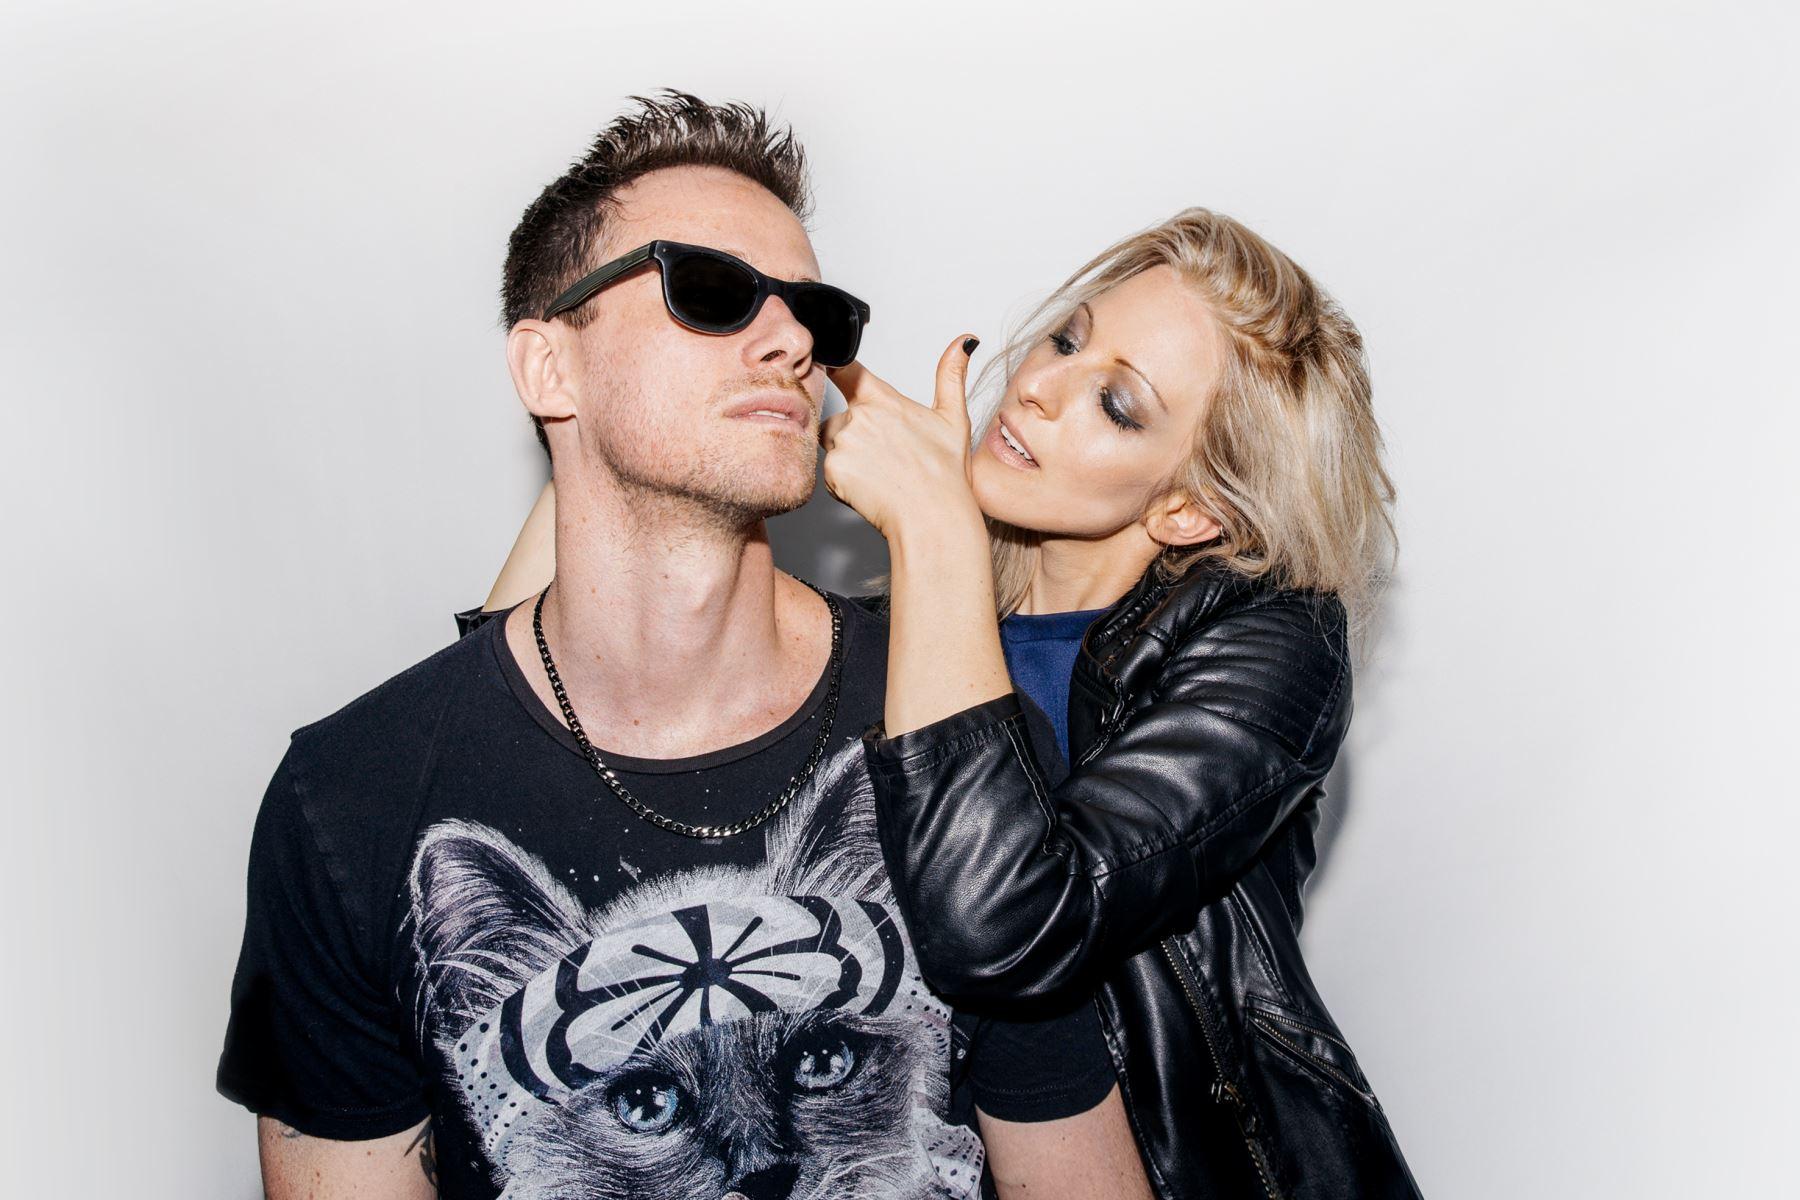 Pepe Rodríguez y Naama Bengtsson se juntan para formar este dúo misterioso.